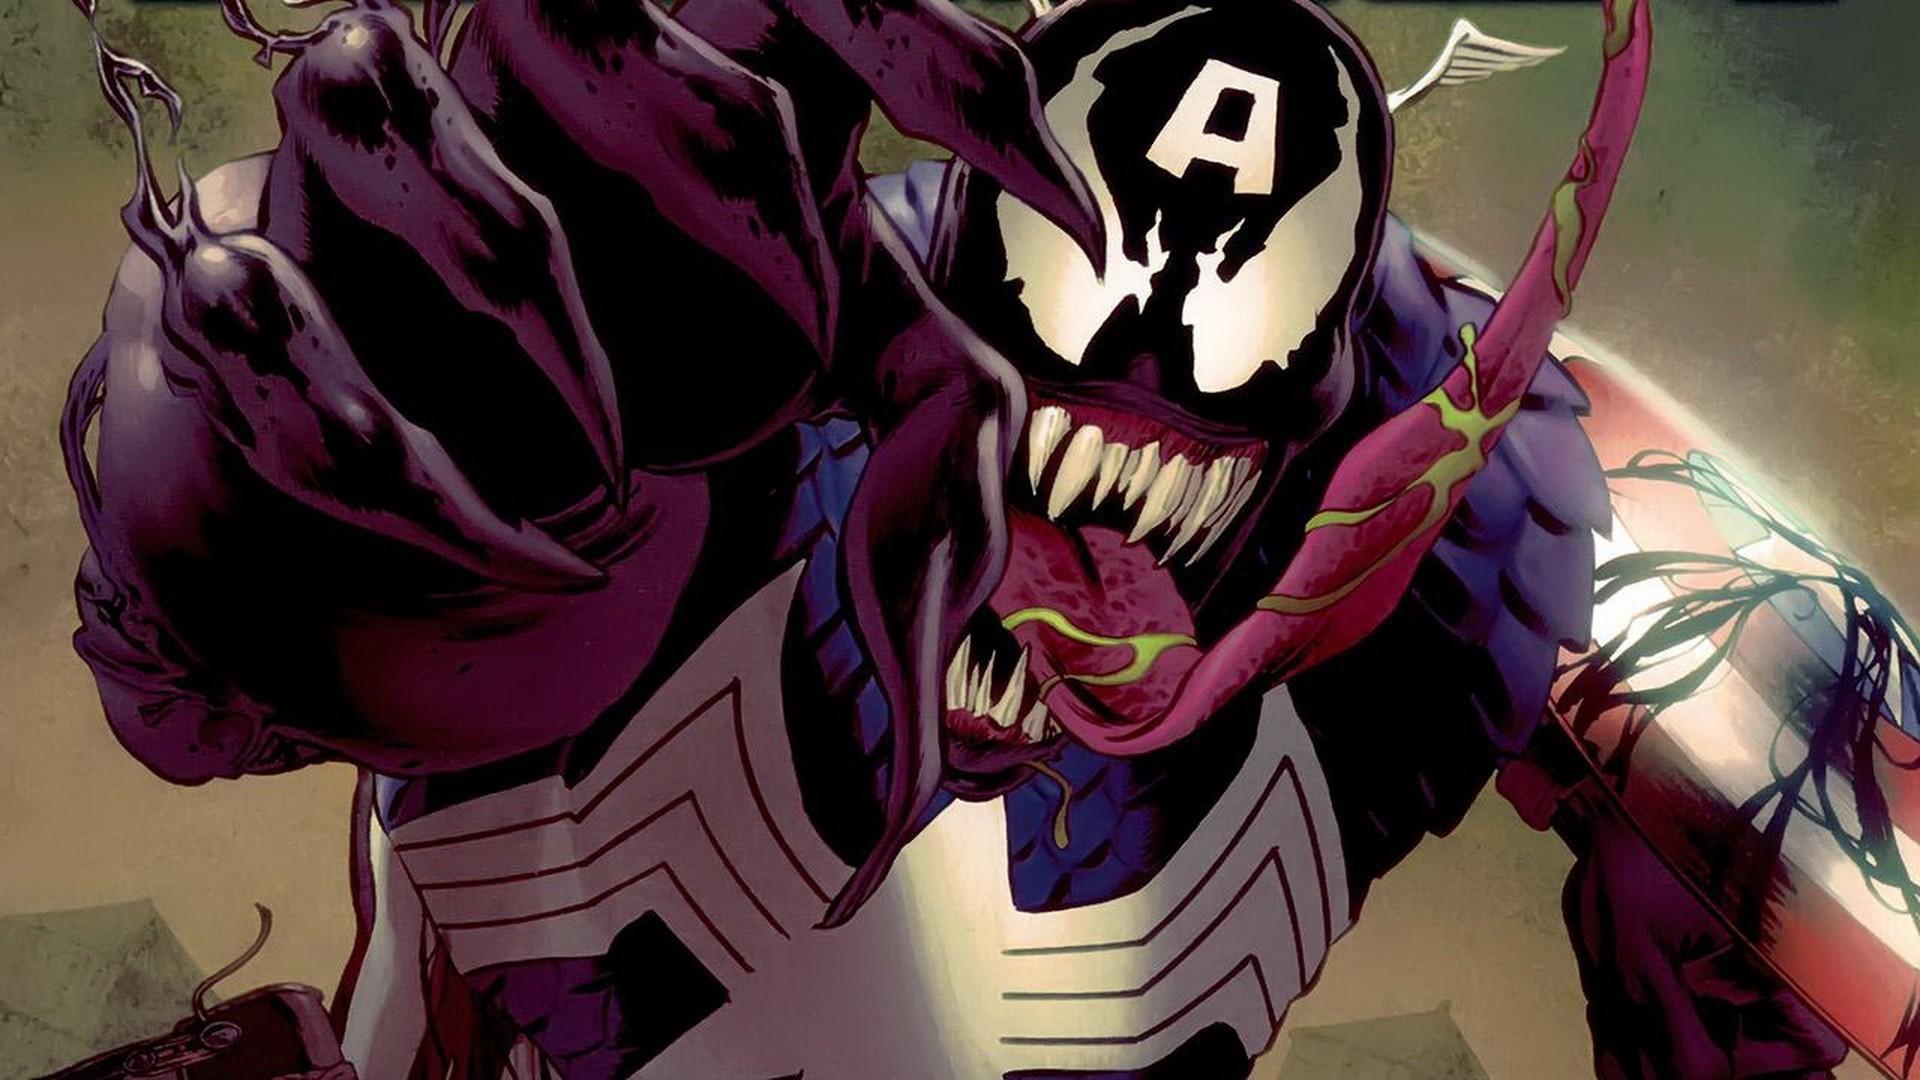 Res: 1920x1080, Comics Venom Captain America villains Marvel Comics wallpaper       223378   WallpaperUP